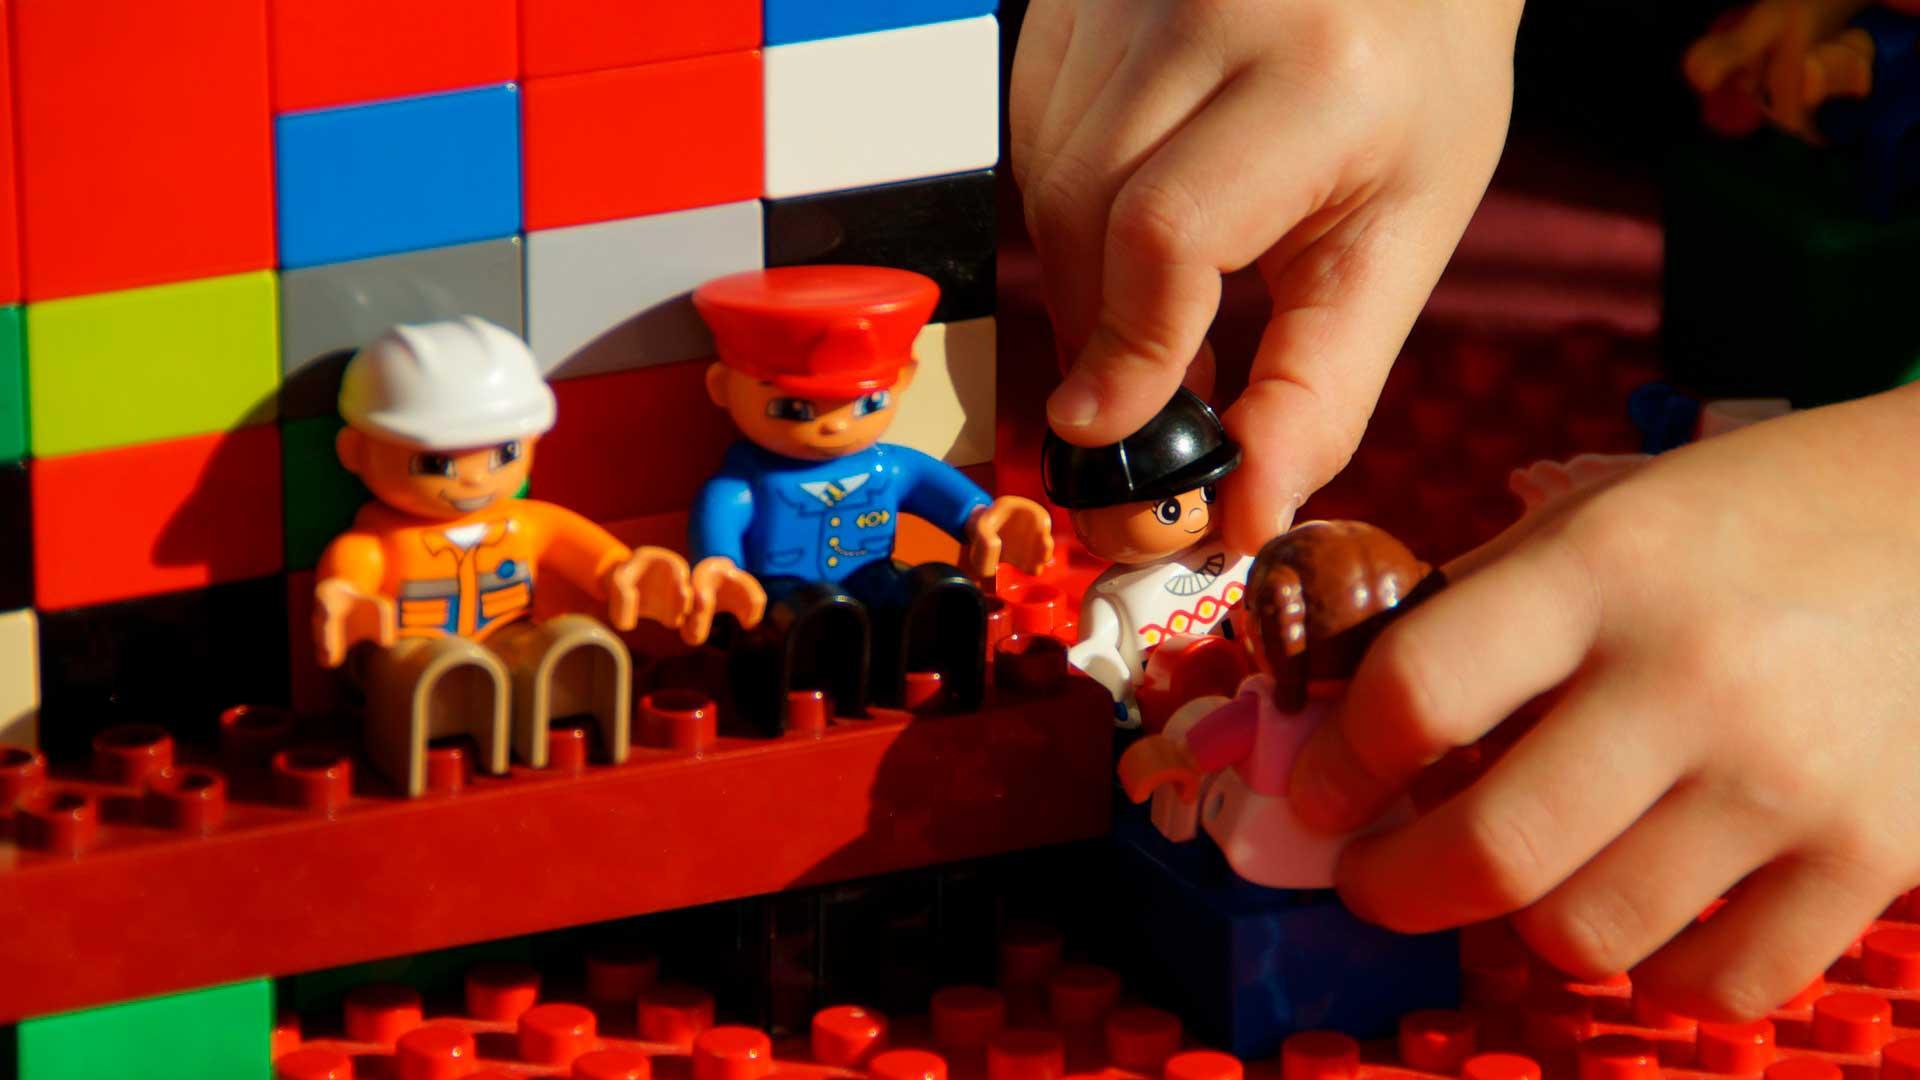 Peças de LEGO com tres bonecos sentado e uma boneca em pé nas mãos da criança